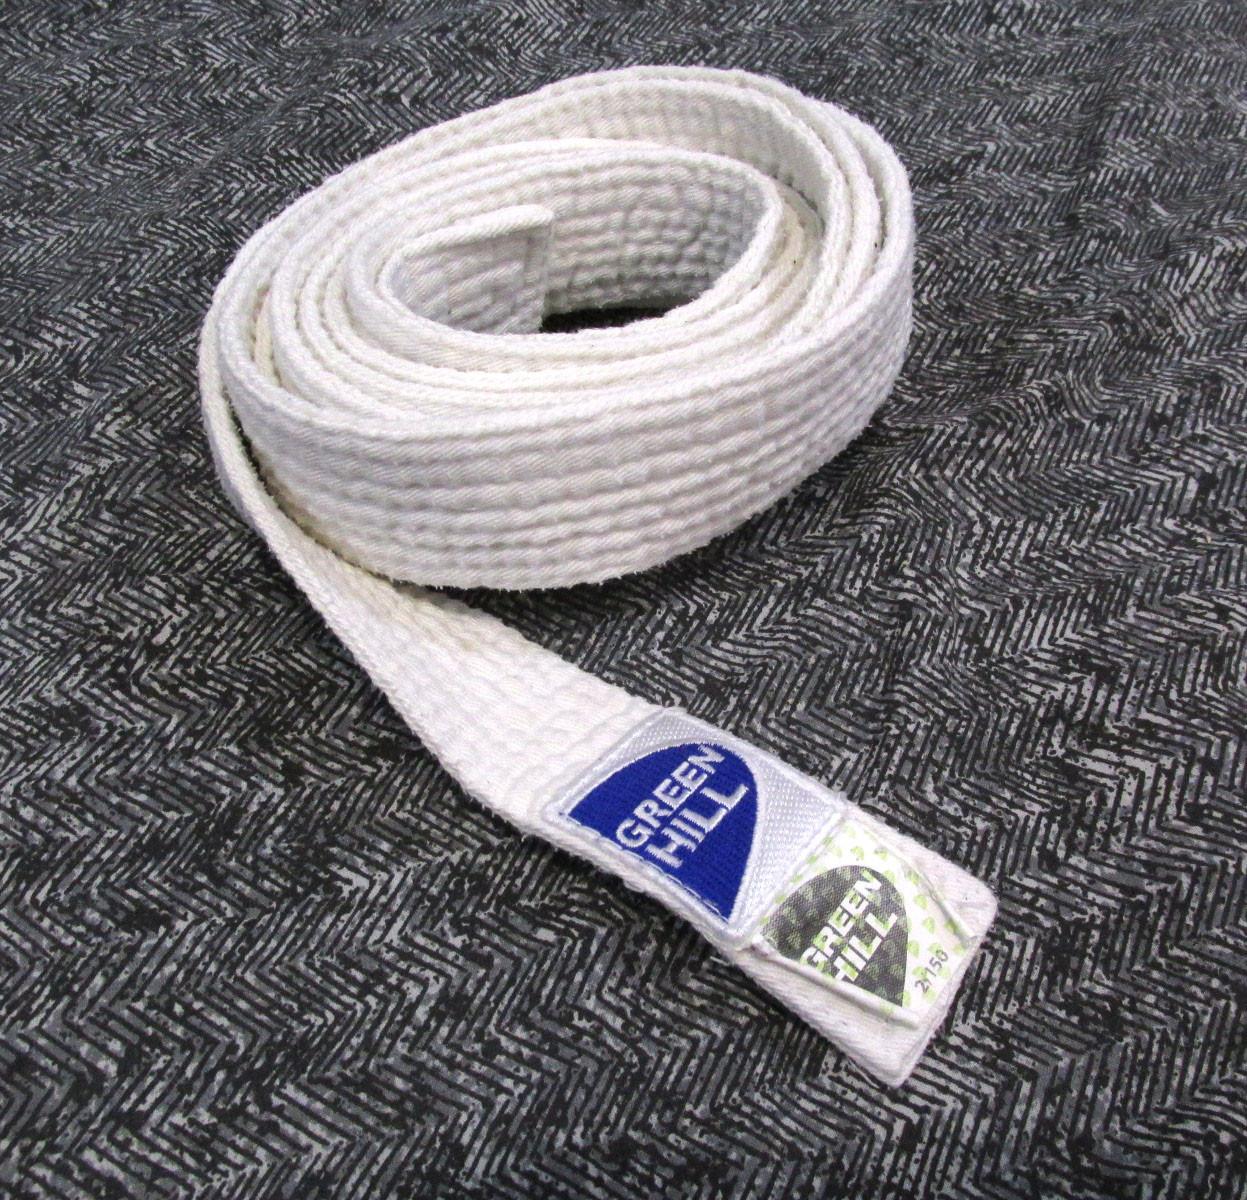 Пояс кимоно Green Hill, 2-150, (220x3.5 см), cotton, Pakistan, следы н